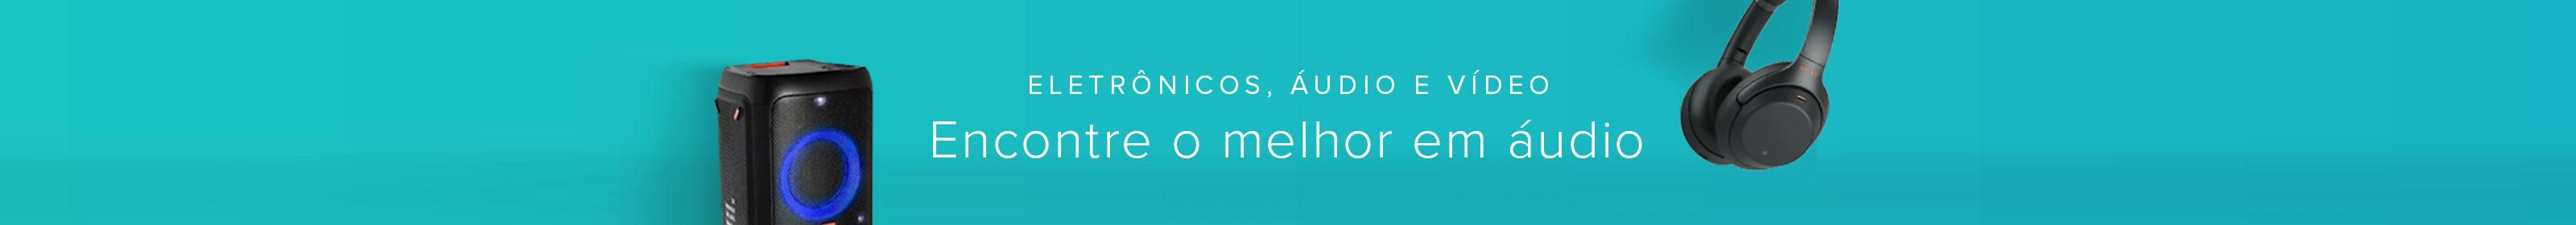 Eletronicos_audio_e_video